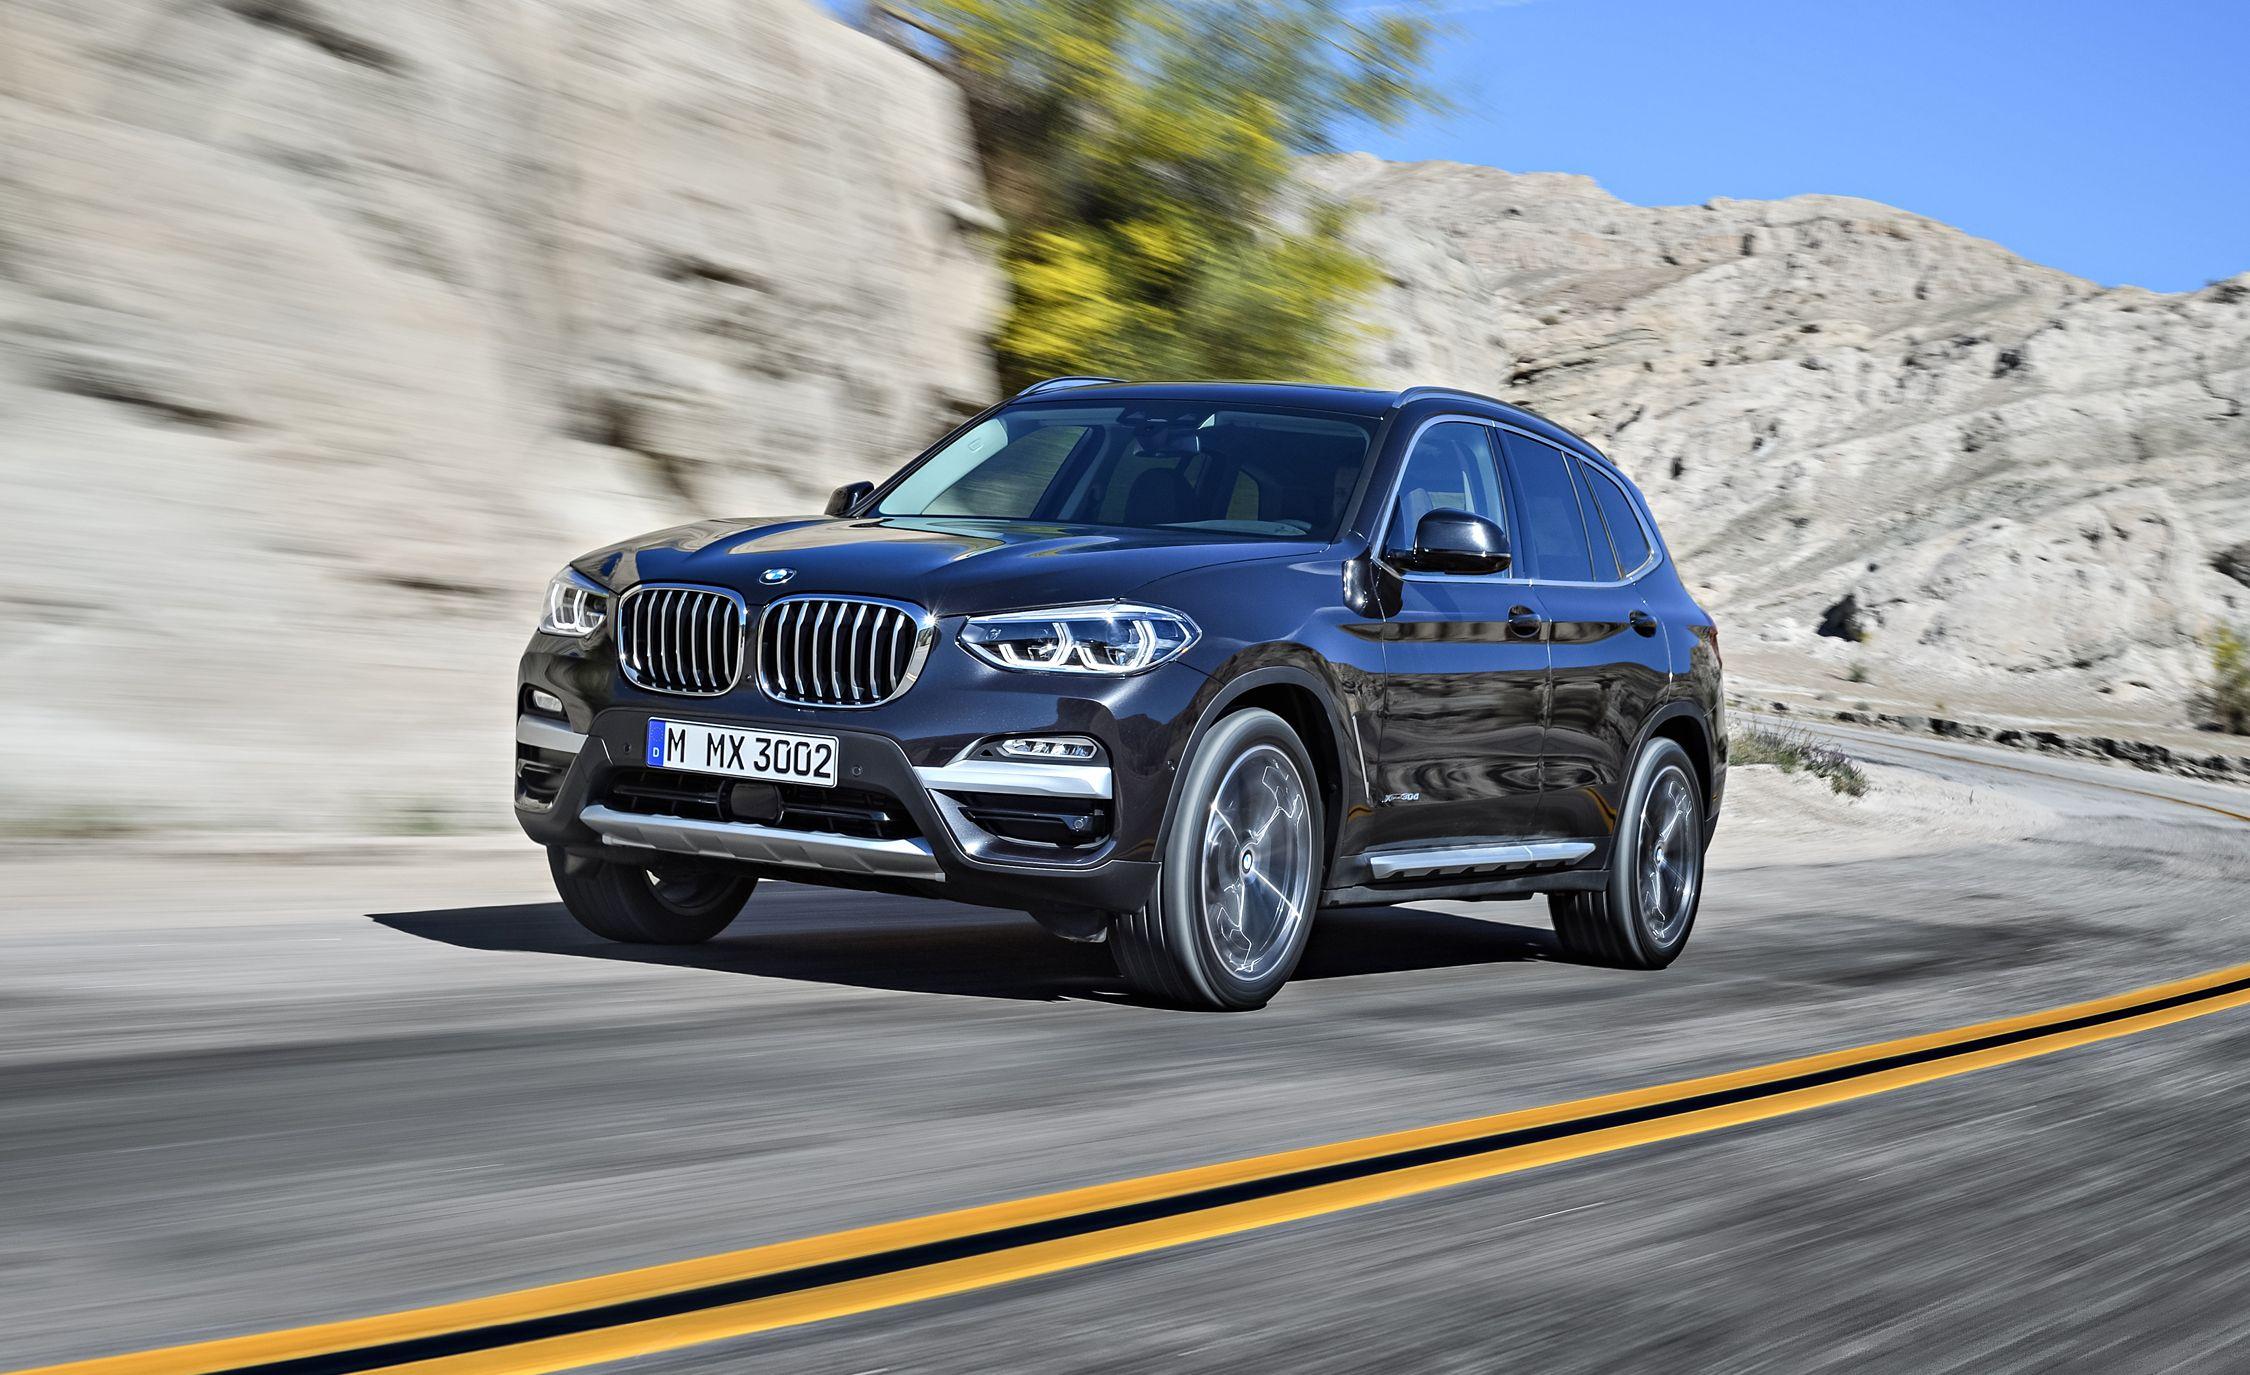 BMW X3 Reviews BMW X3 Price s and Specs